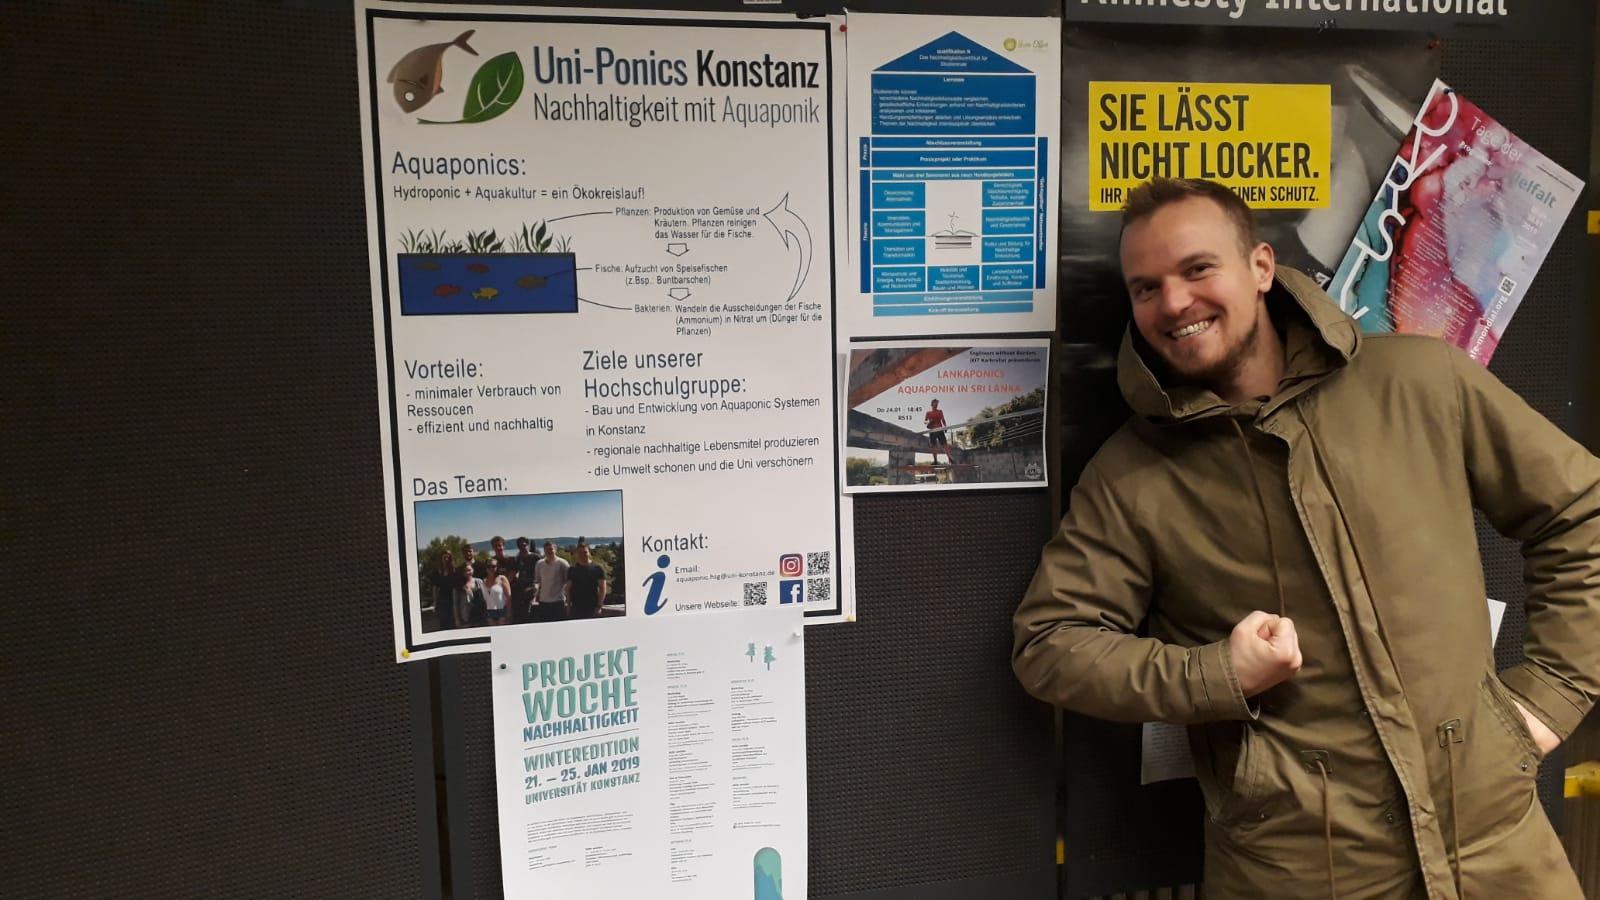 Besuch Uni-Ponics Konstanz